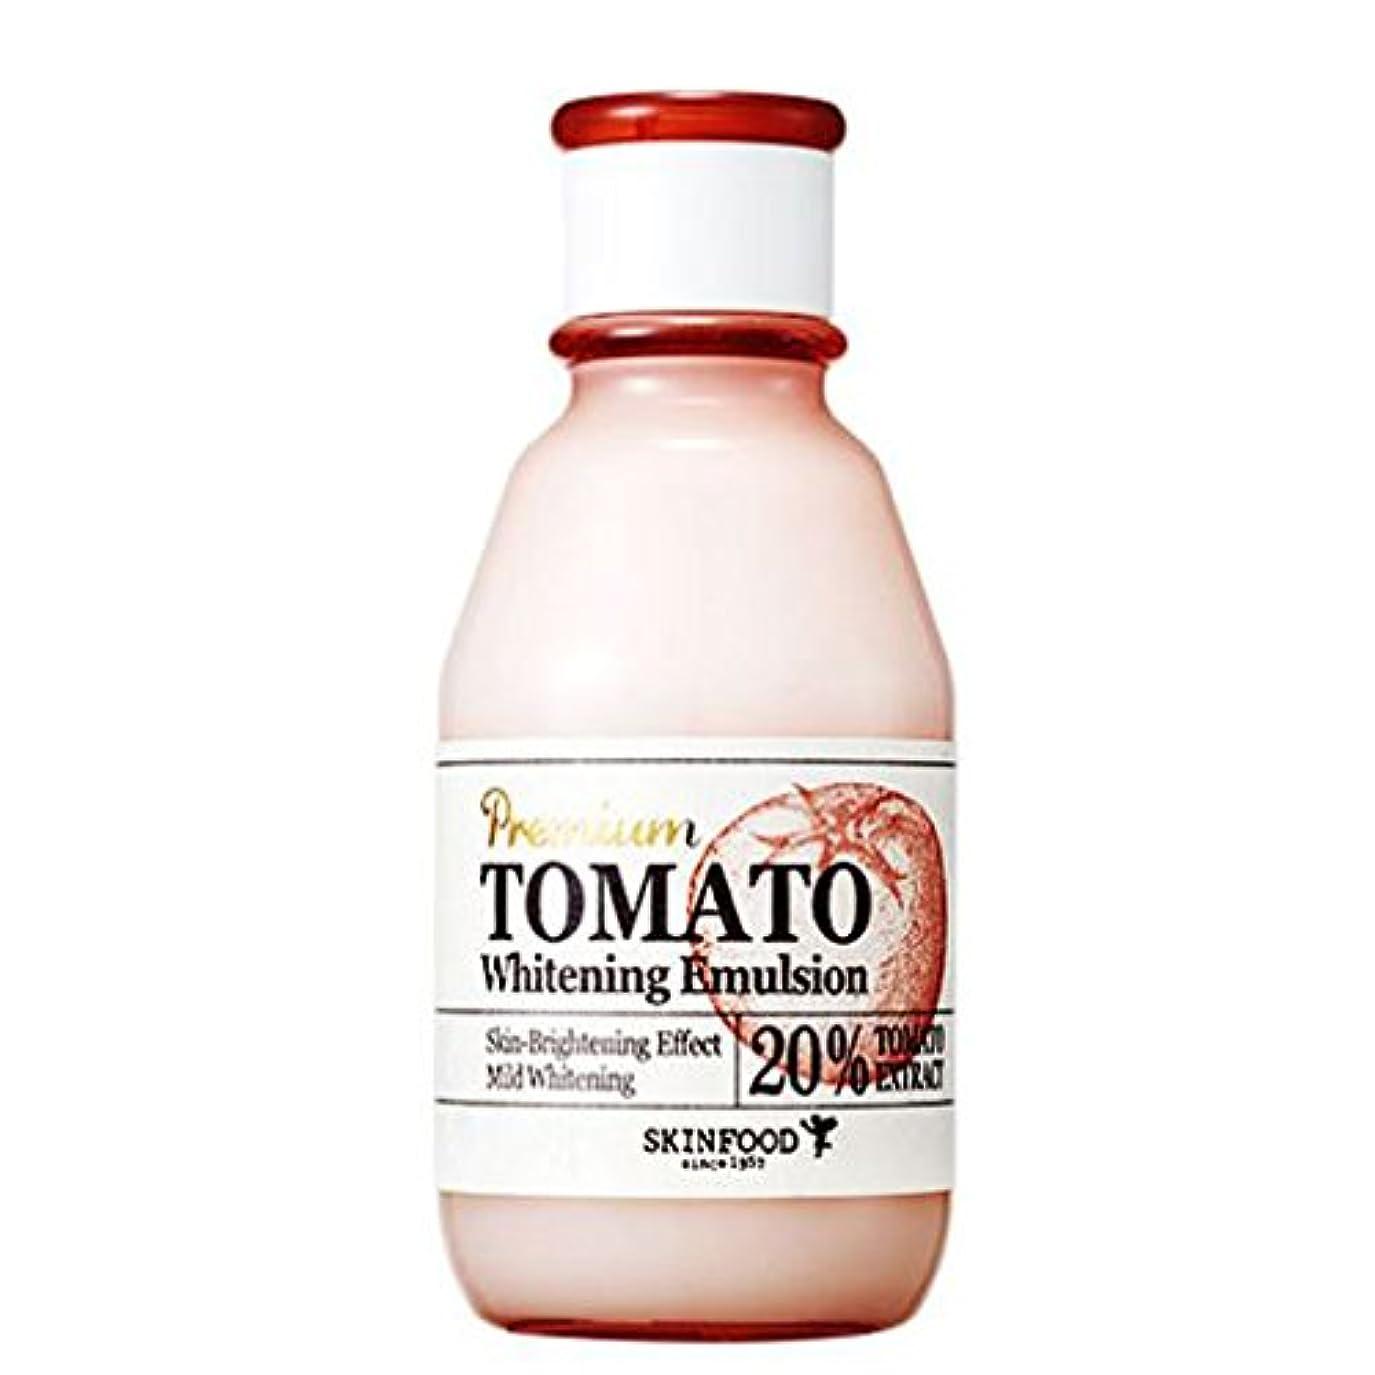 頭お尻劣るスキンフード (SKINFOOD) プレミアムトマト ブライトニング エマルジョン